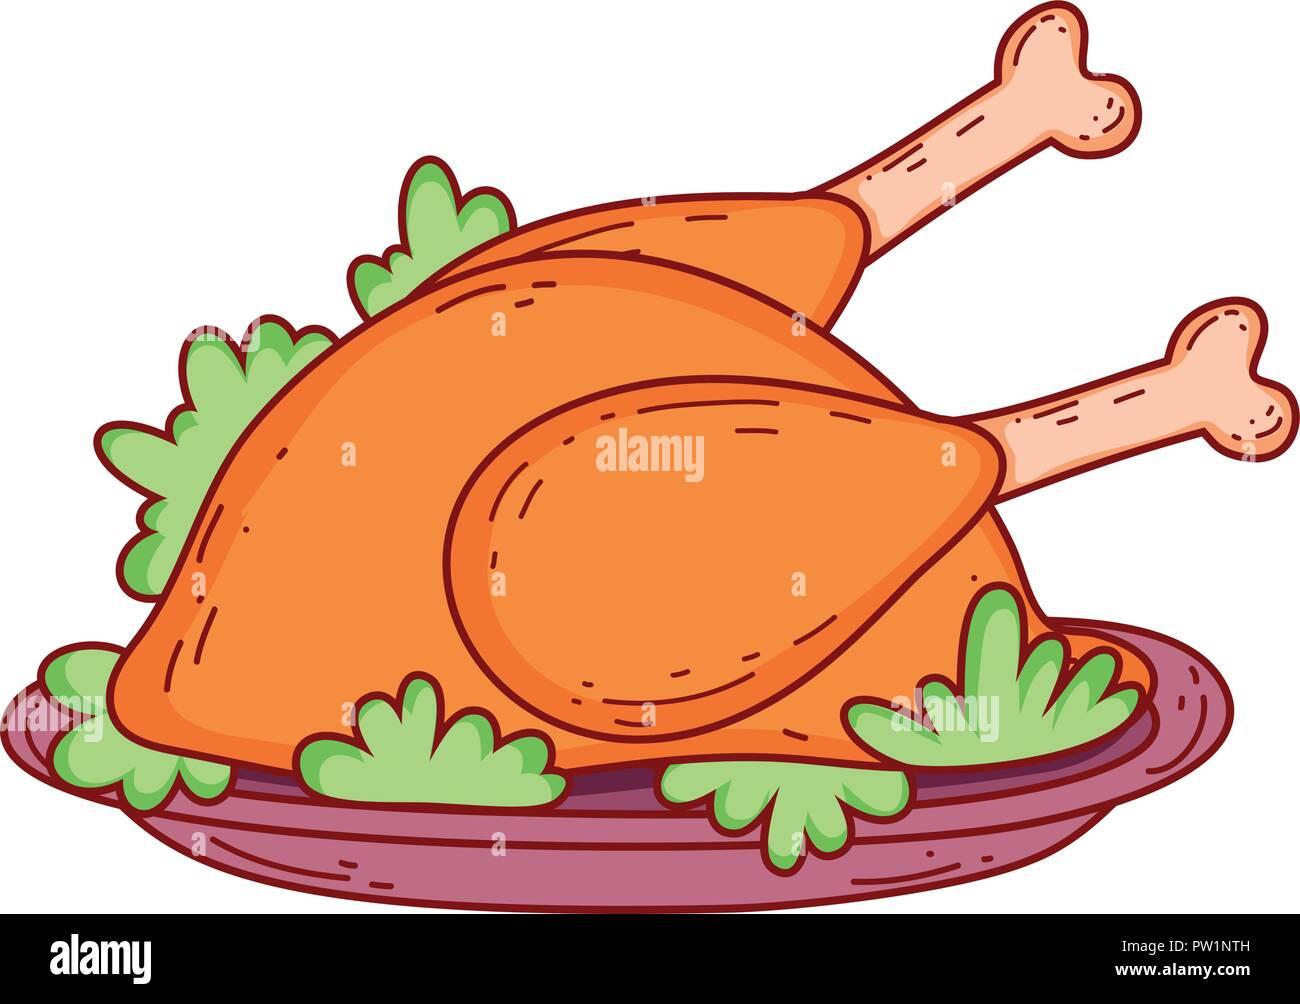 Roasted chicken cartoon - Stock Vector